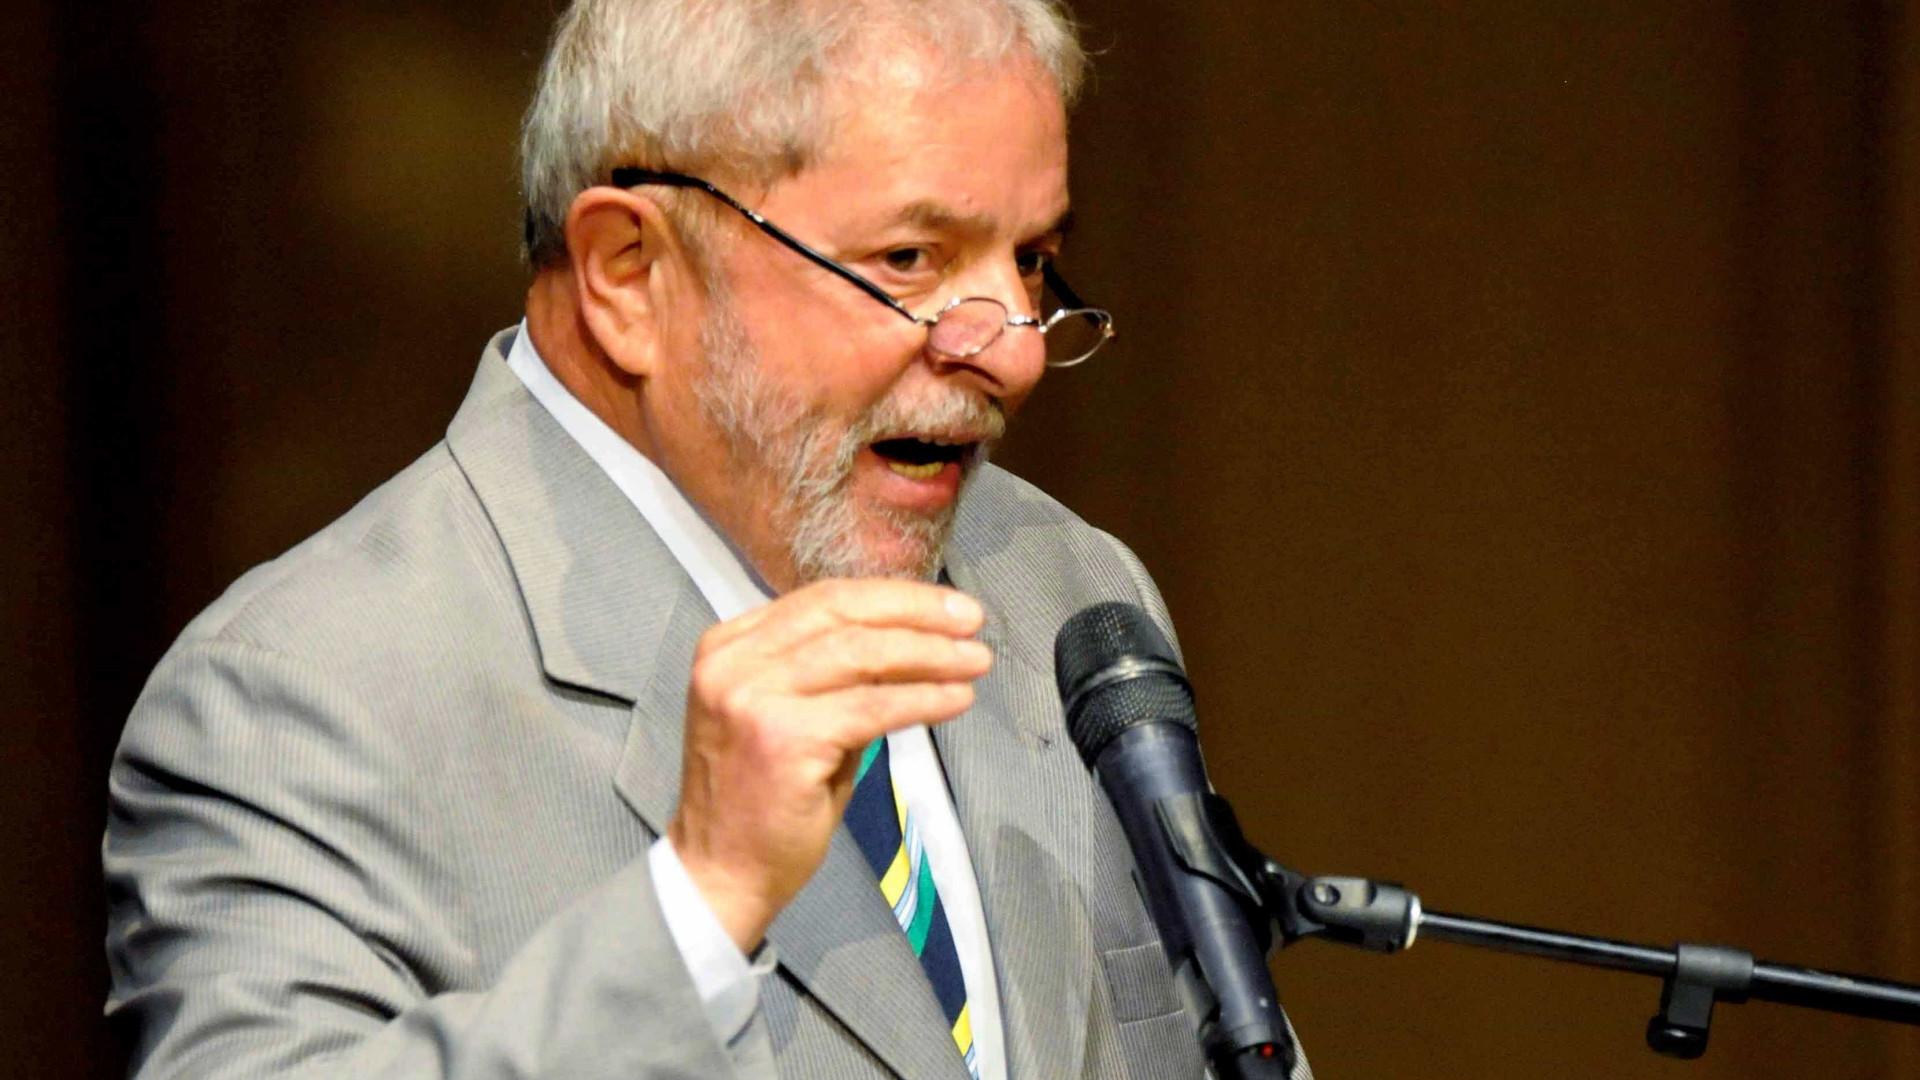 Ganhamos com um discurso e depois tivemos que mudar, admite Lula